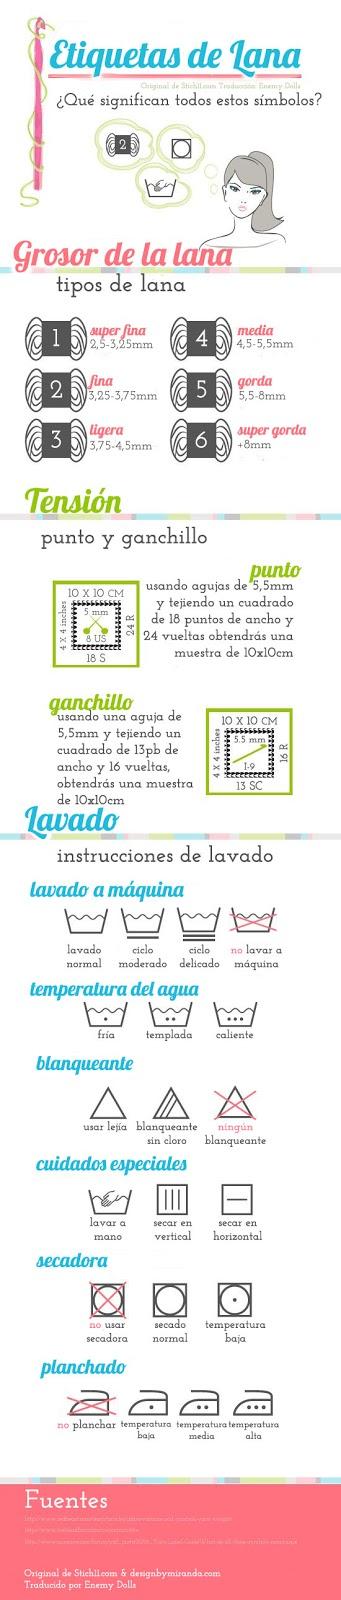 símbolos etiquetas lana ropa lavado